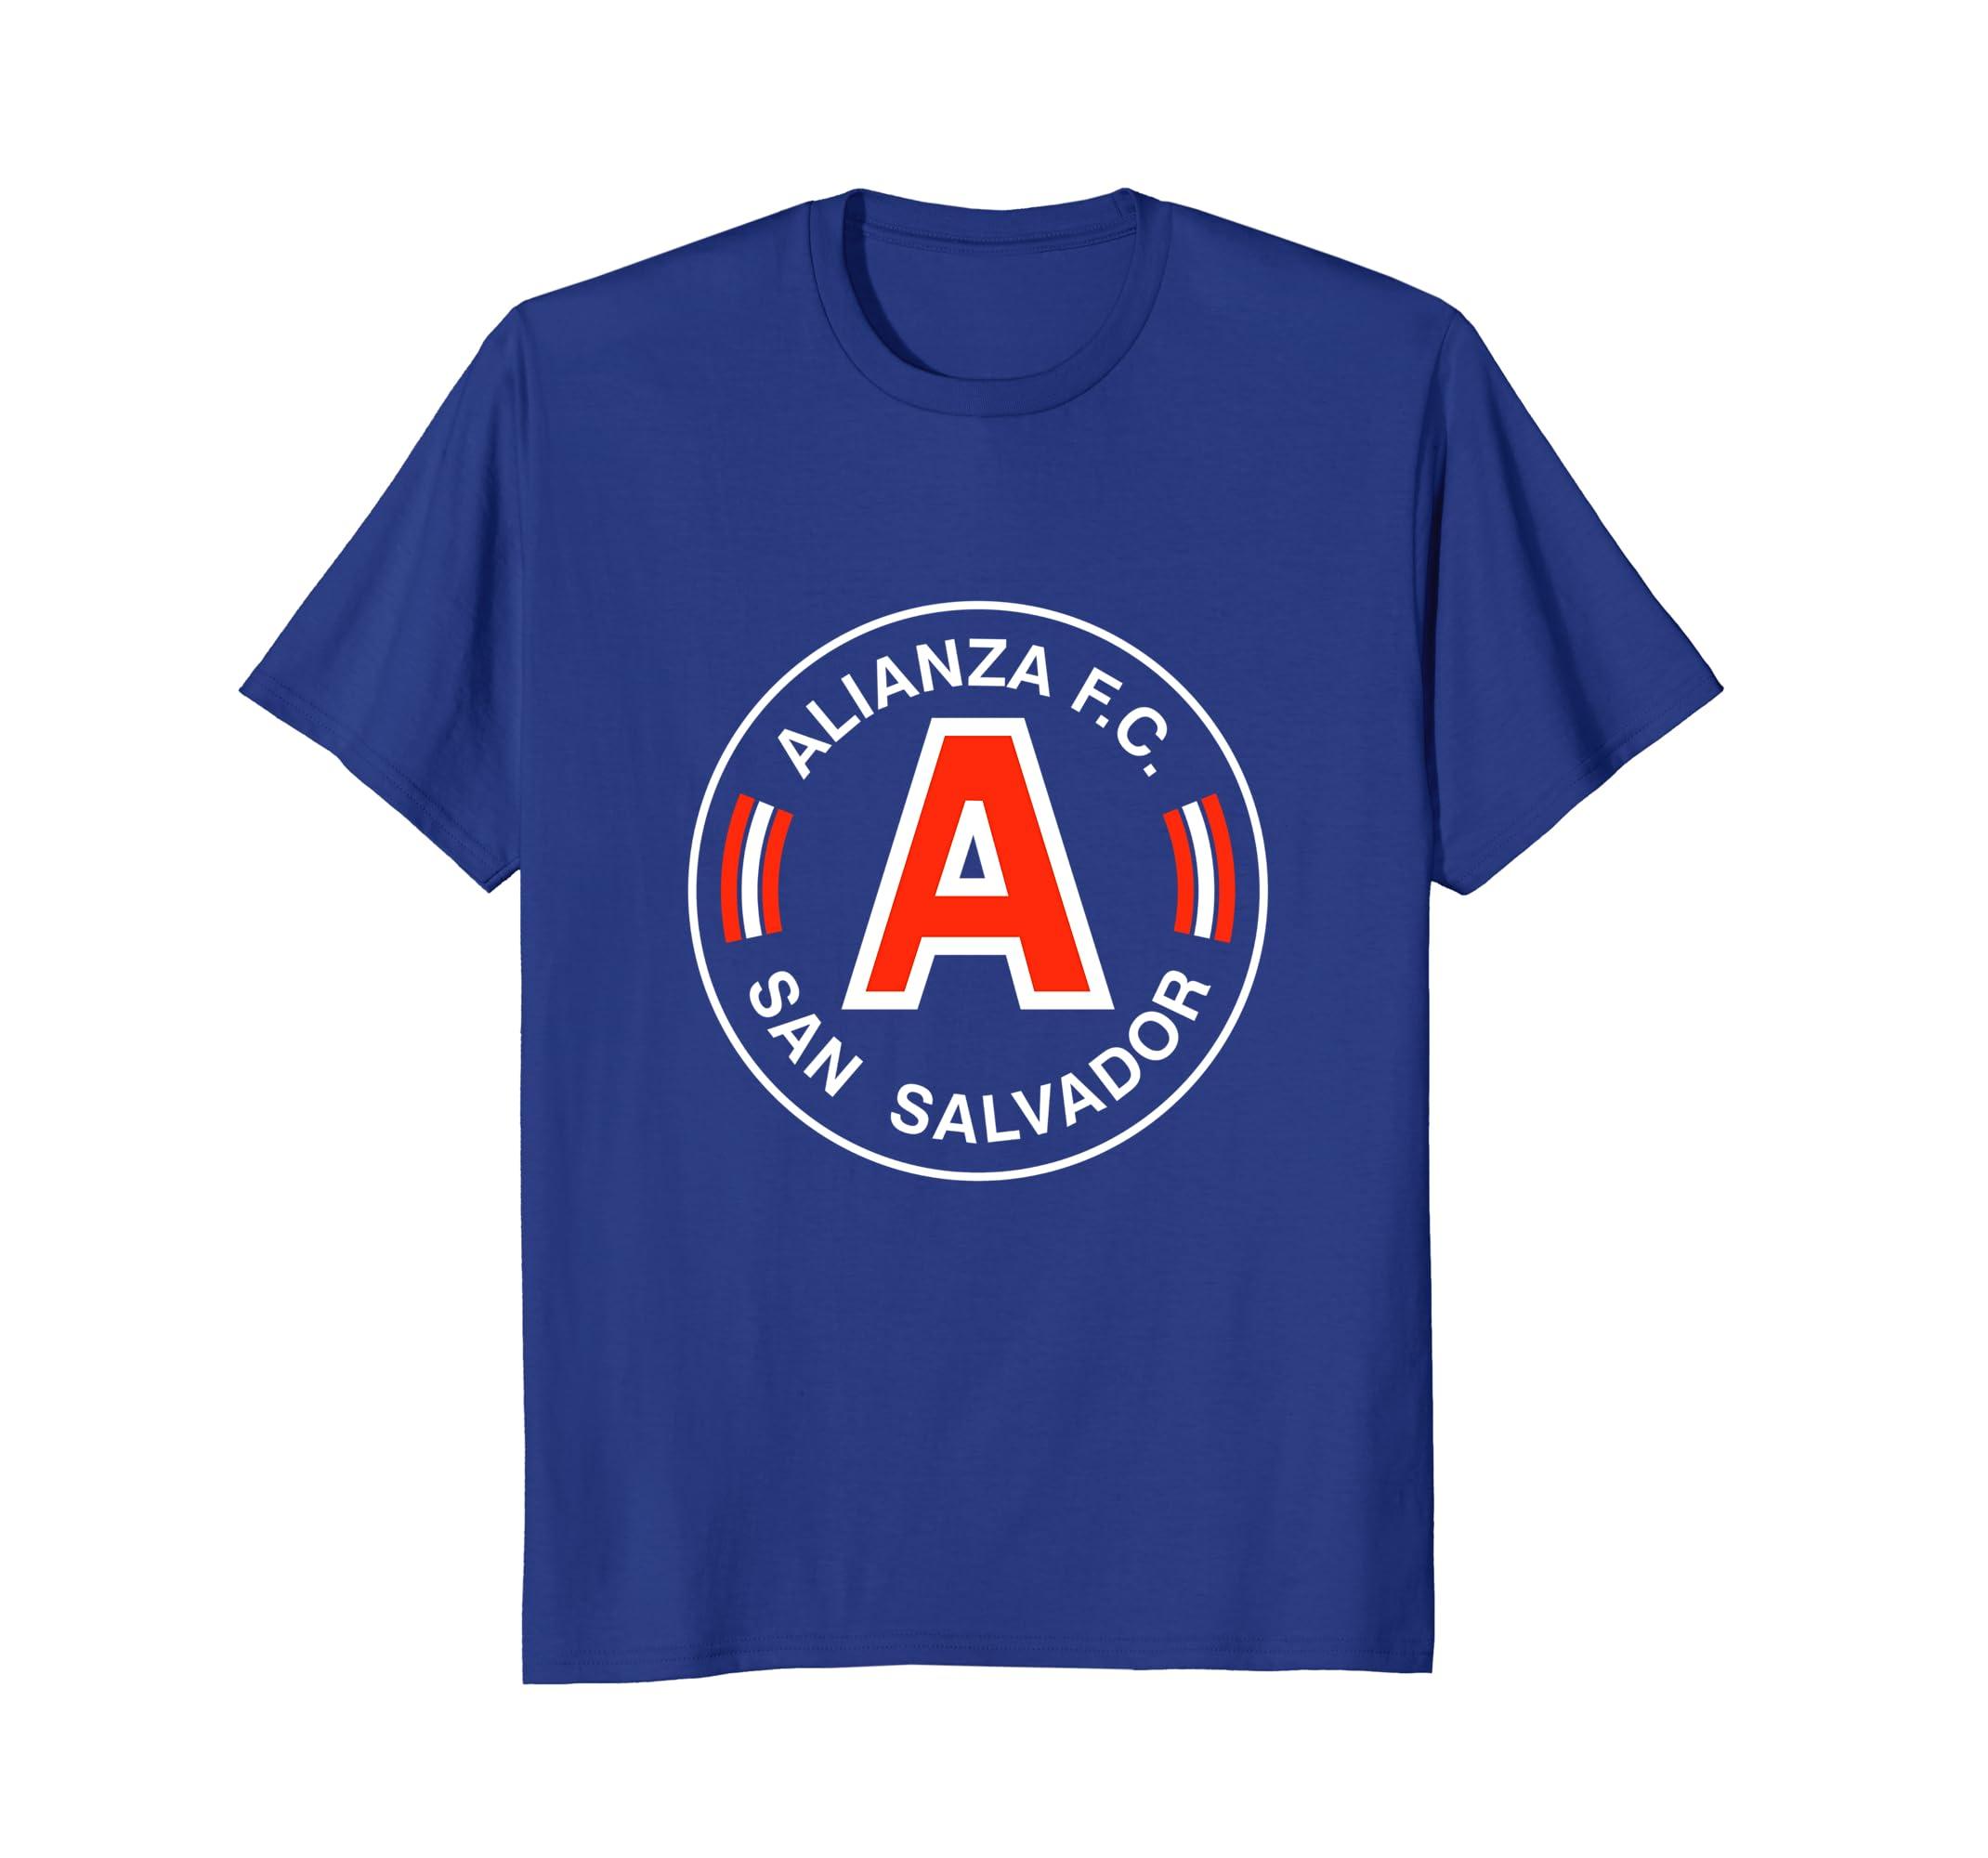 Amazon.com: Alianza Futbol Club El Salvador Camiseta TShirt Jersey: Clothing